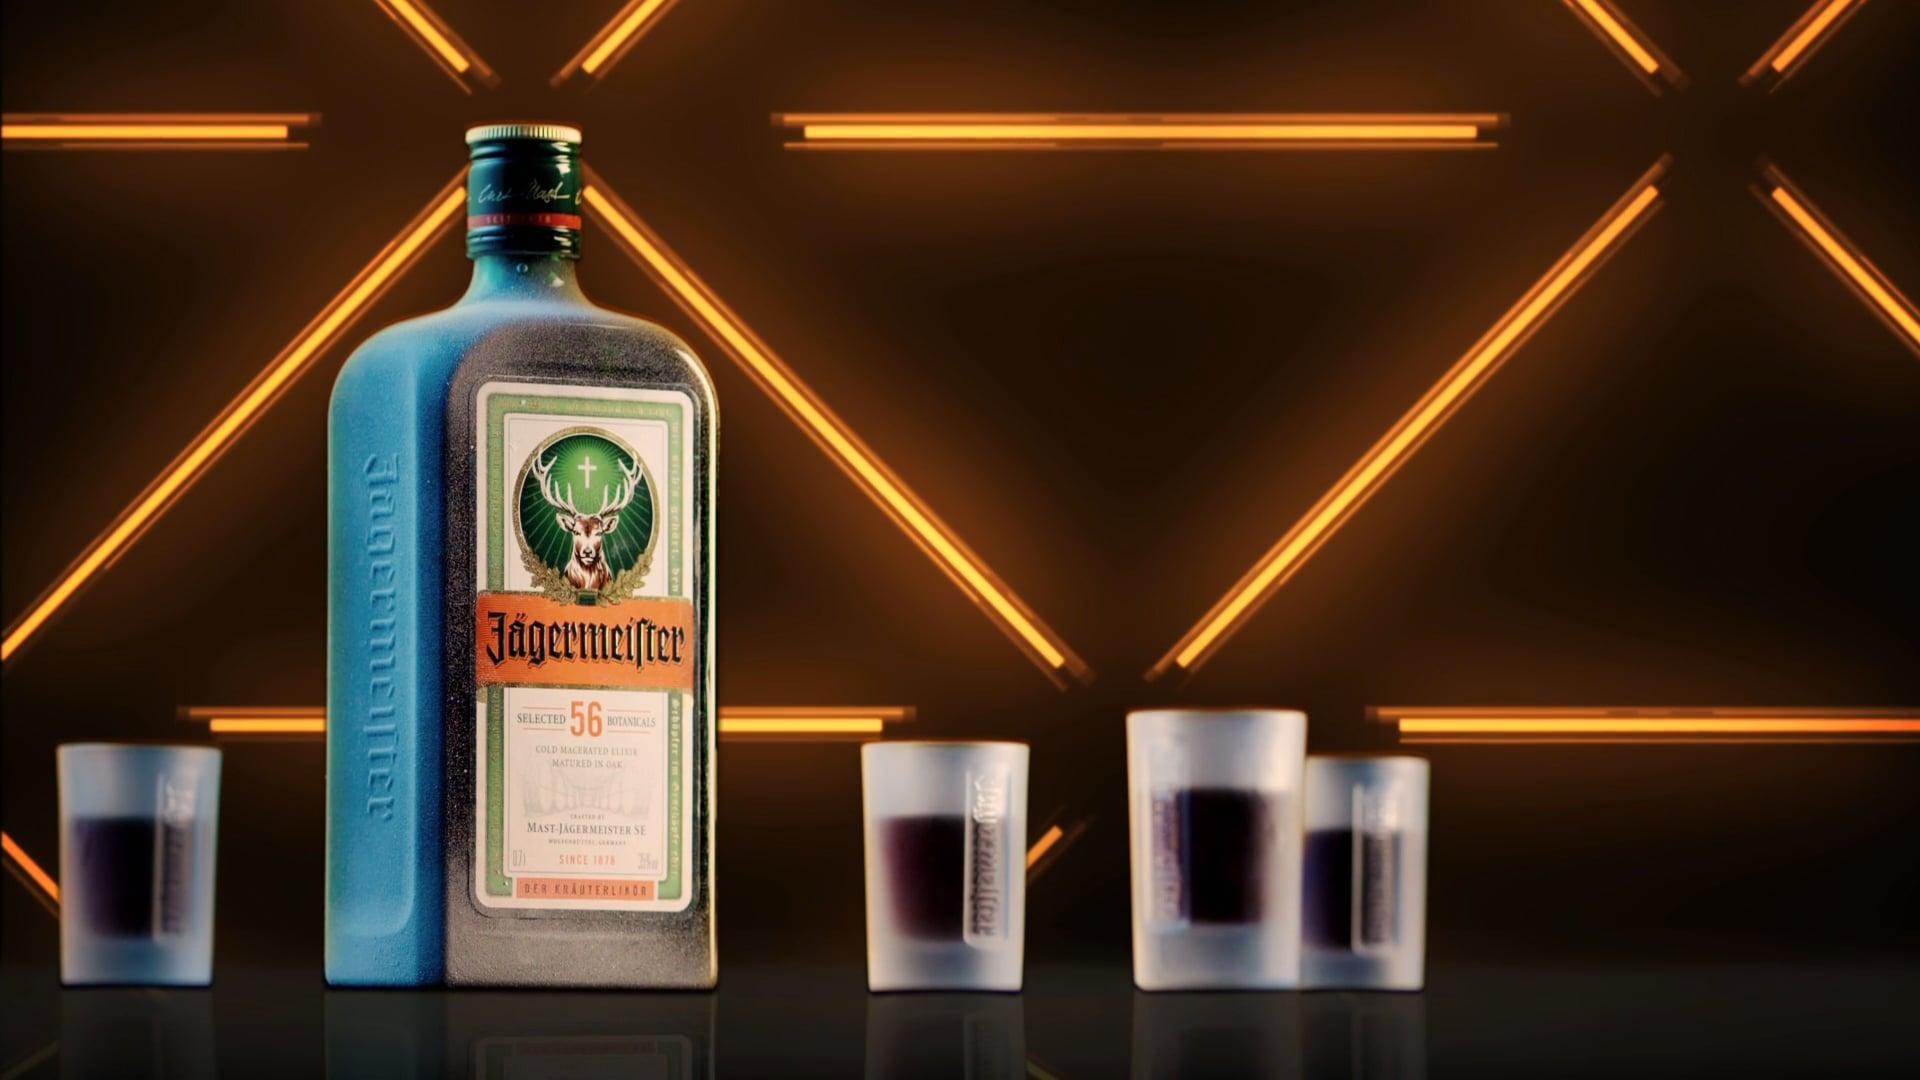 Die neue Jägermeister Flasche